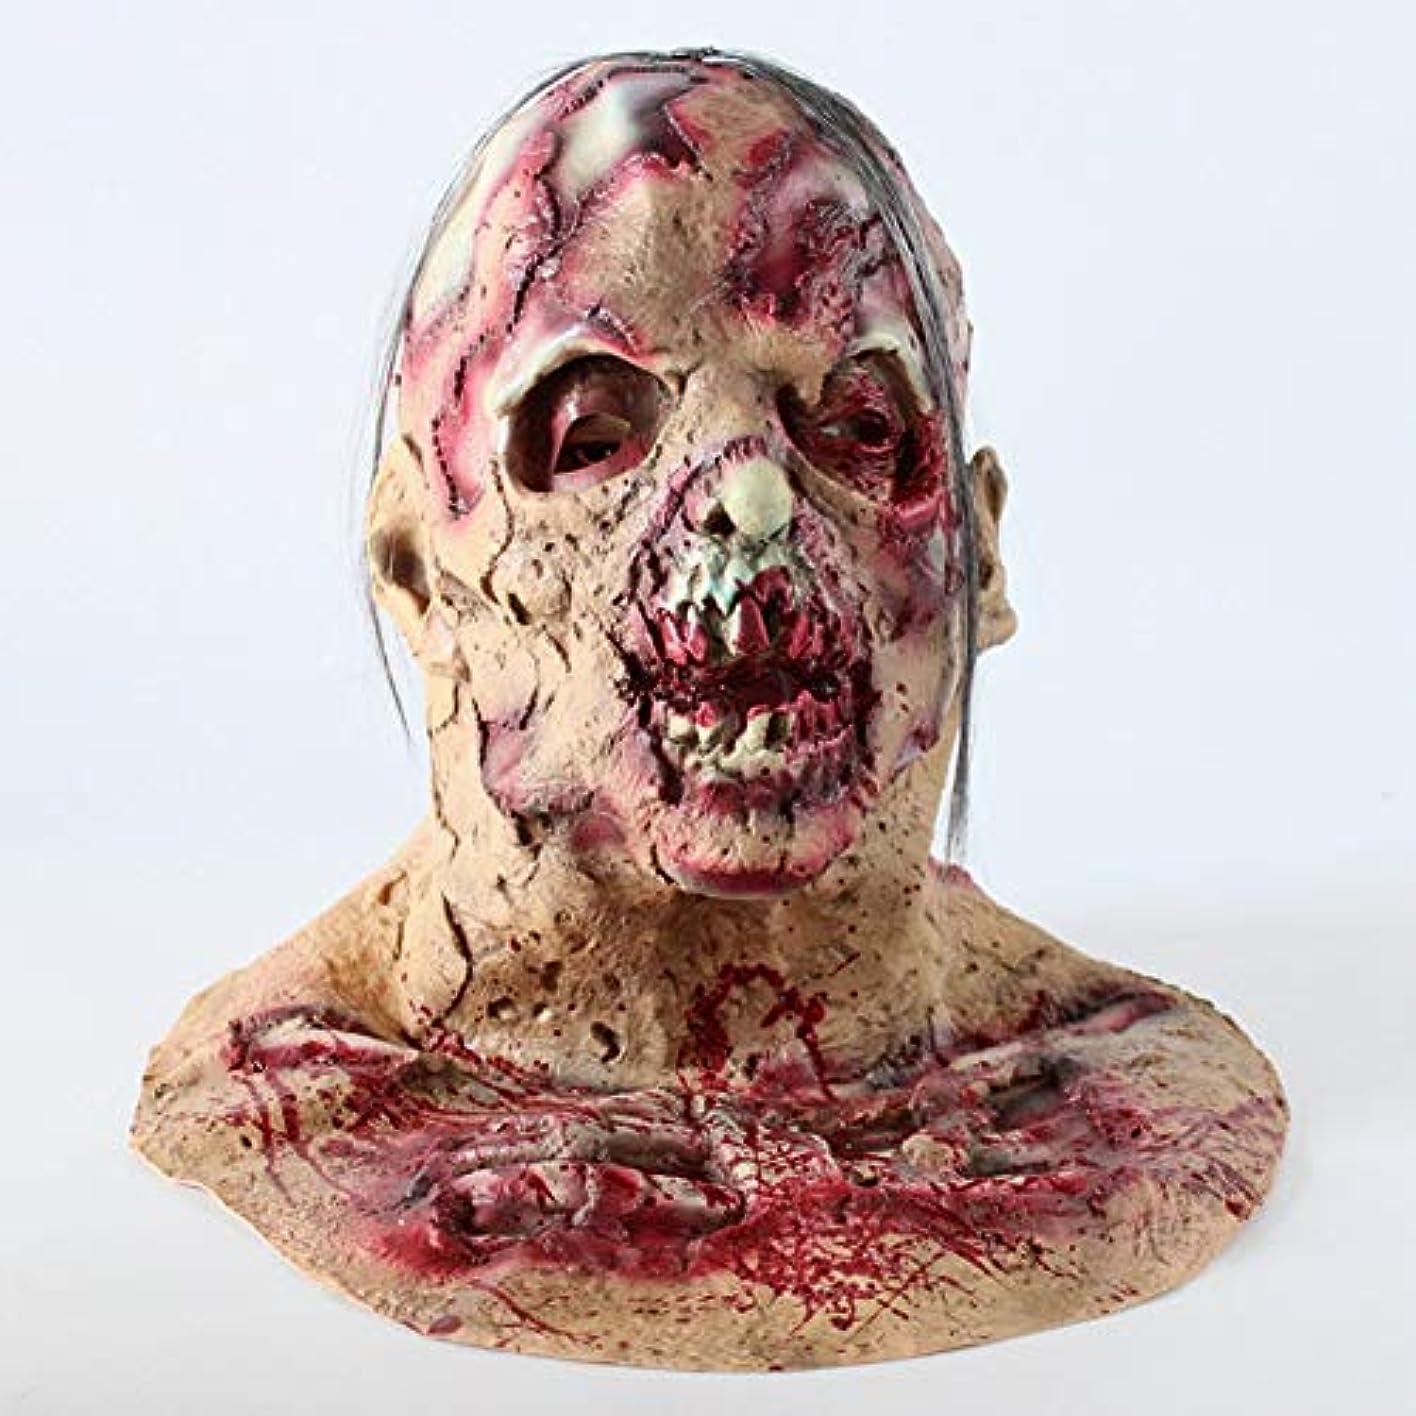 ぴかぴか半球経度ハロウィーンホラーマスク、嫌なゾンビマスク、バイオハザードヘッドマスク、パーティー仮装ラテックスマスク